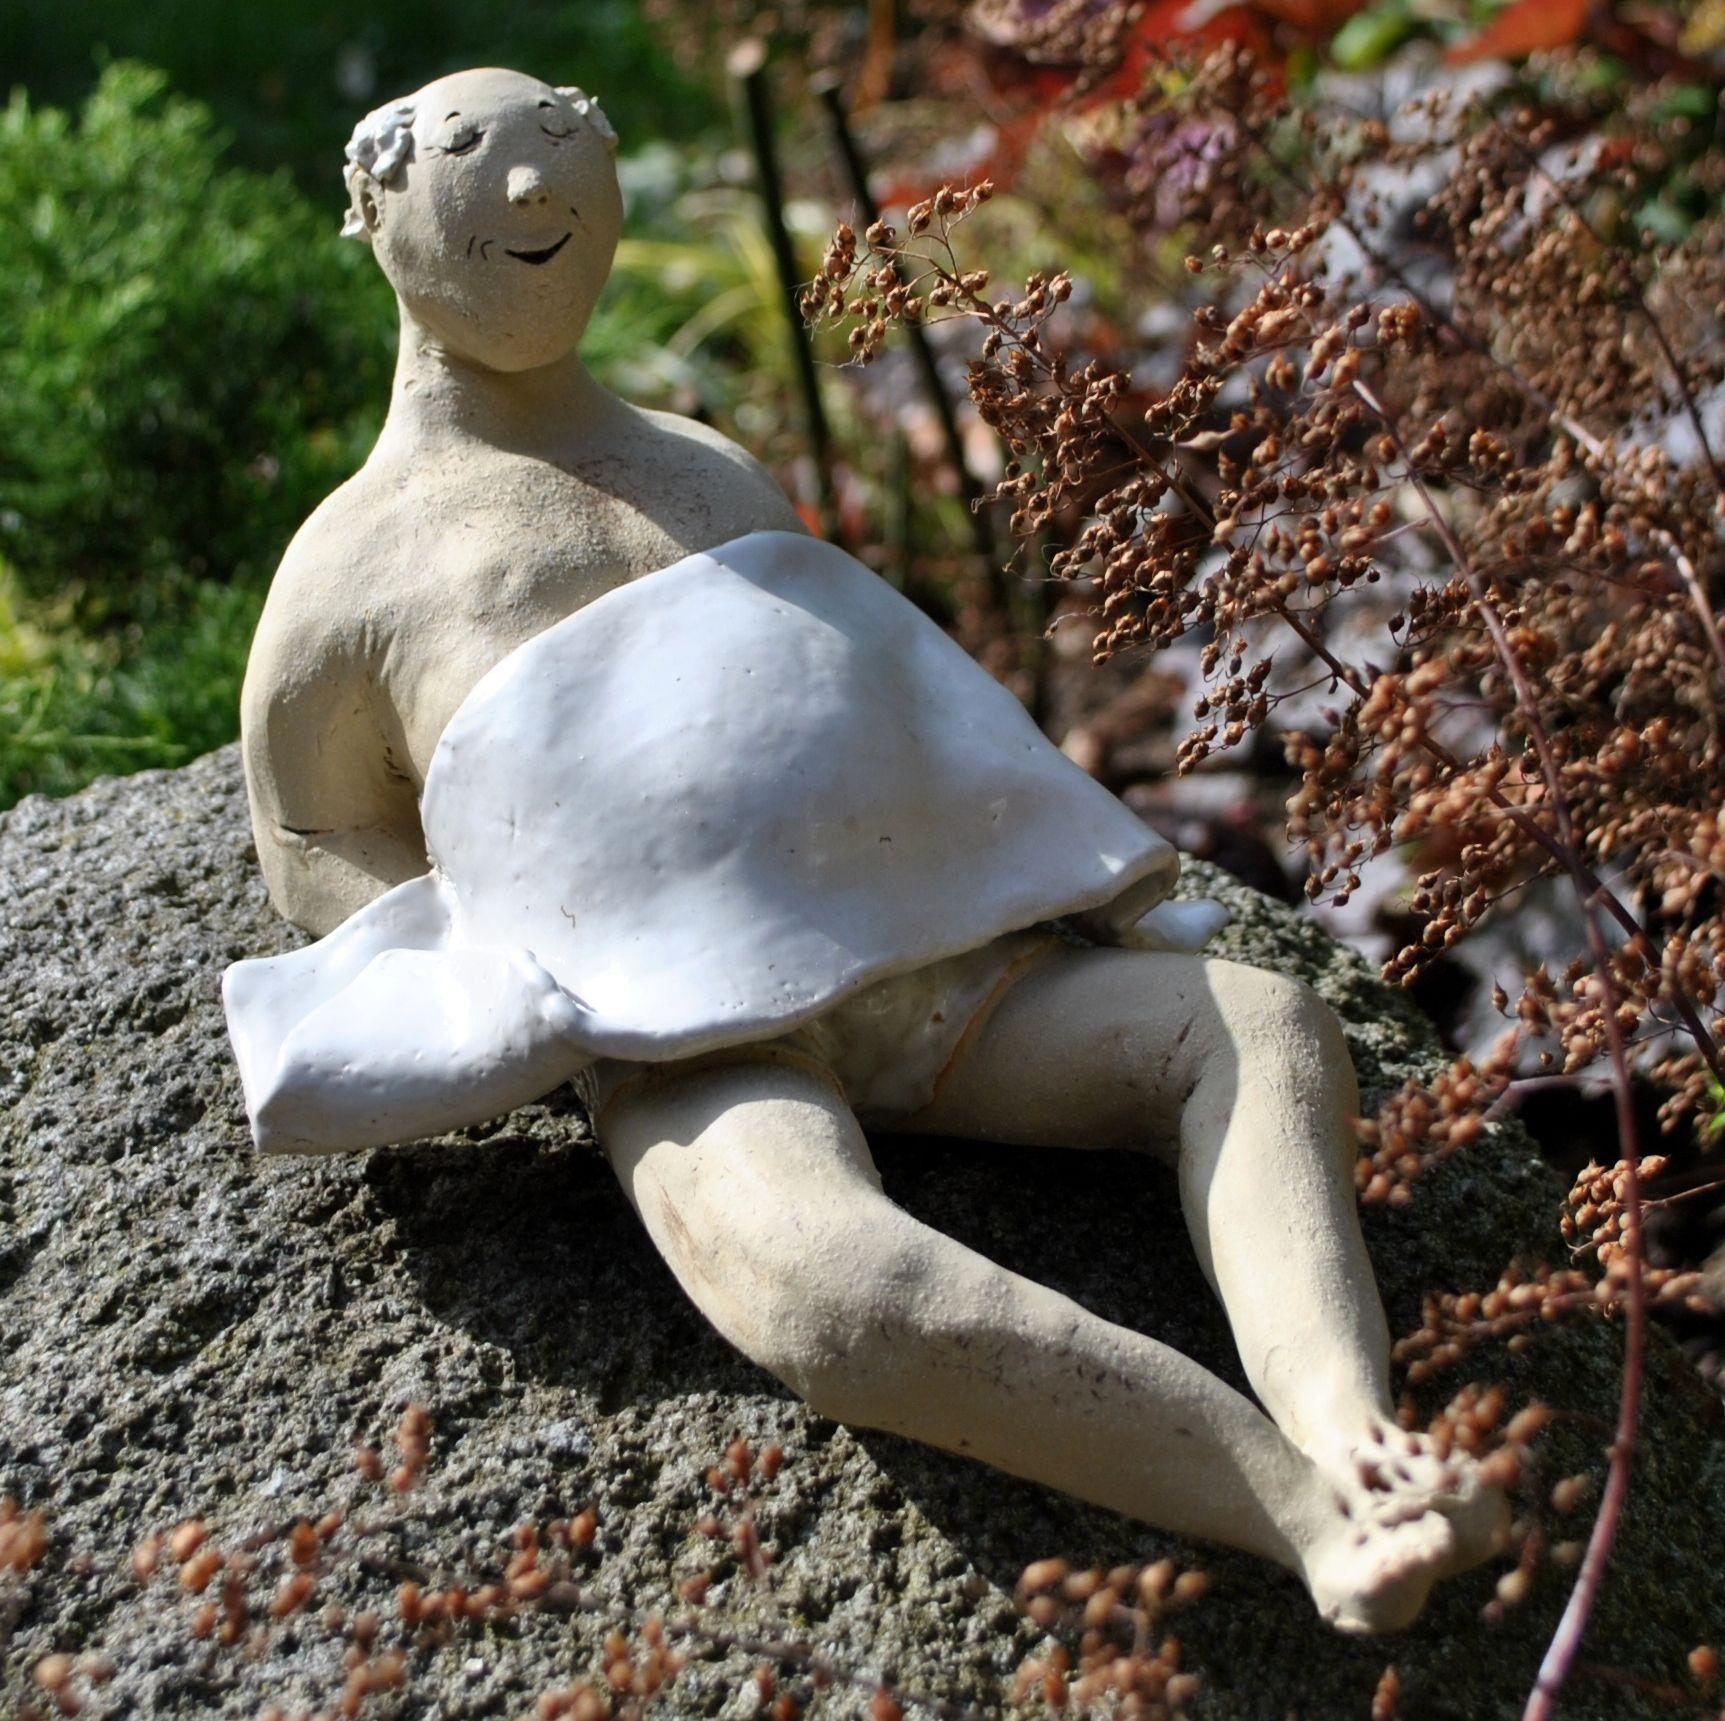 Full Size of Skulptur Garten Groe Gartenfigur Olga In 2020 Gartenskulpturen Versicherung Tisch Gaskamin Trennwand Lounge Möbel Relaxliege Sichtschutz Im Spielturm Und Wohnzimmer Skulptur Garten